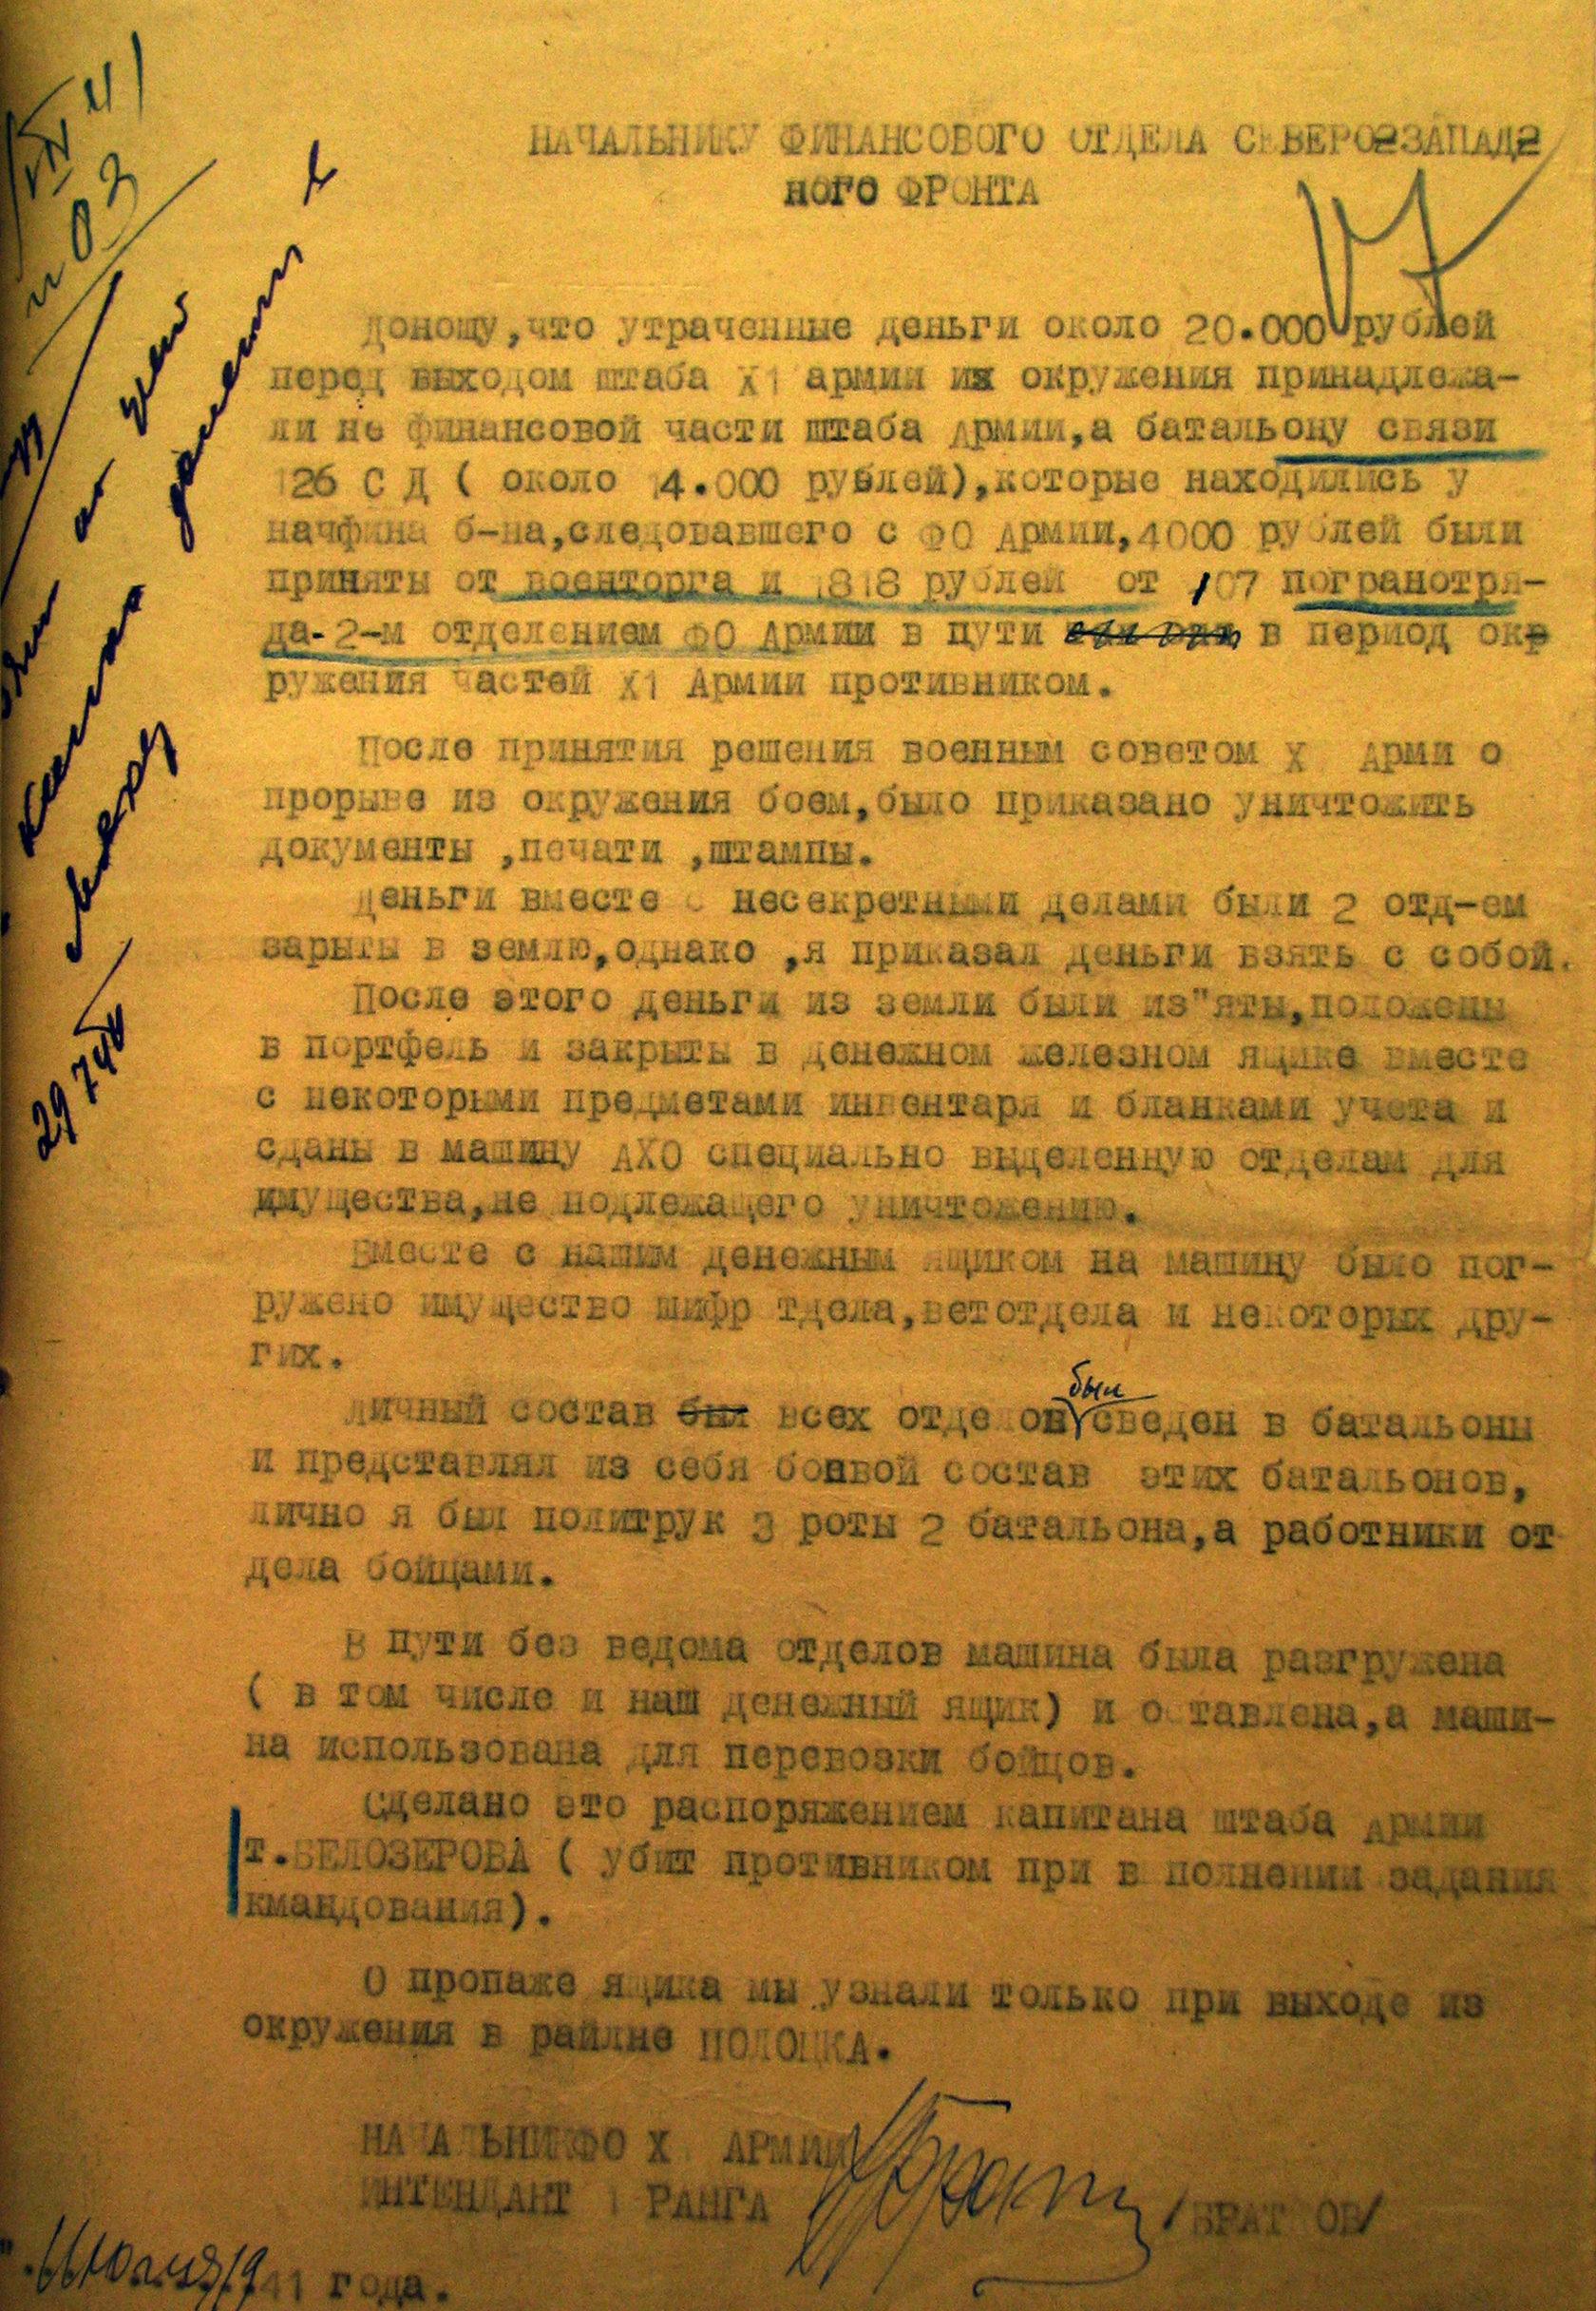 Доклад начальника финансового отдела Северо-Западного фронта начальнику финансового управления НКО СССР